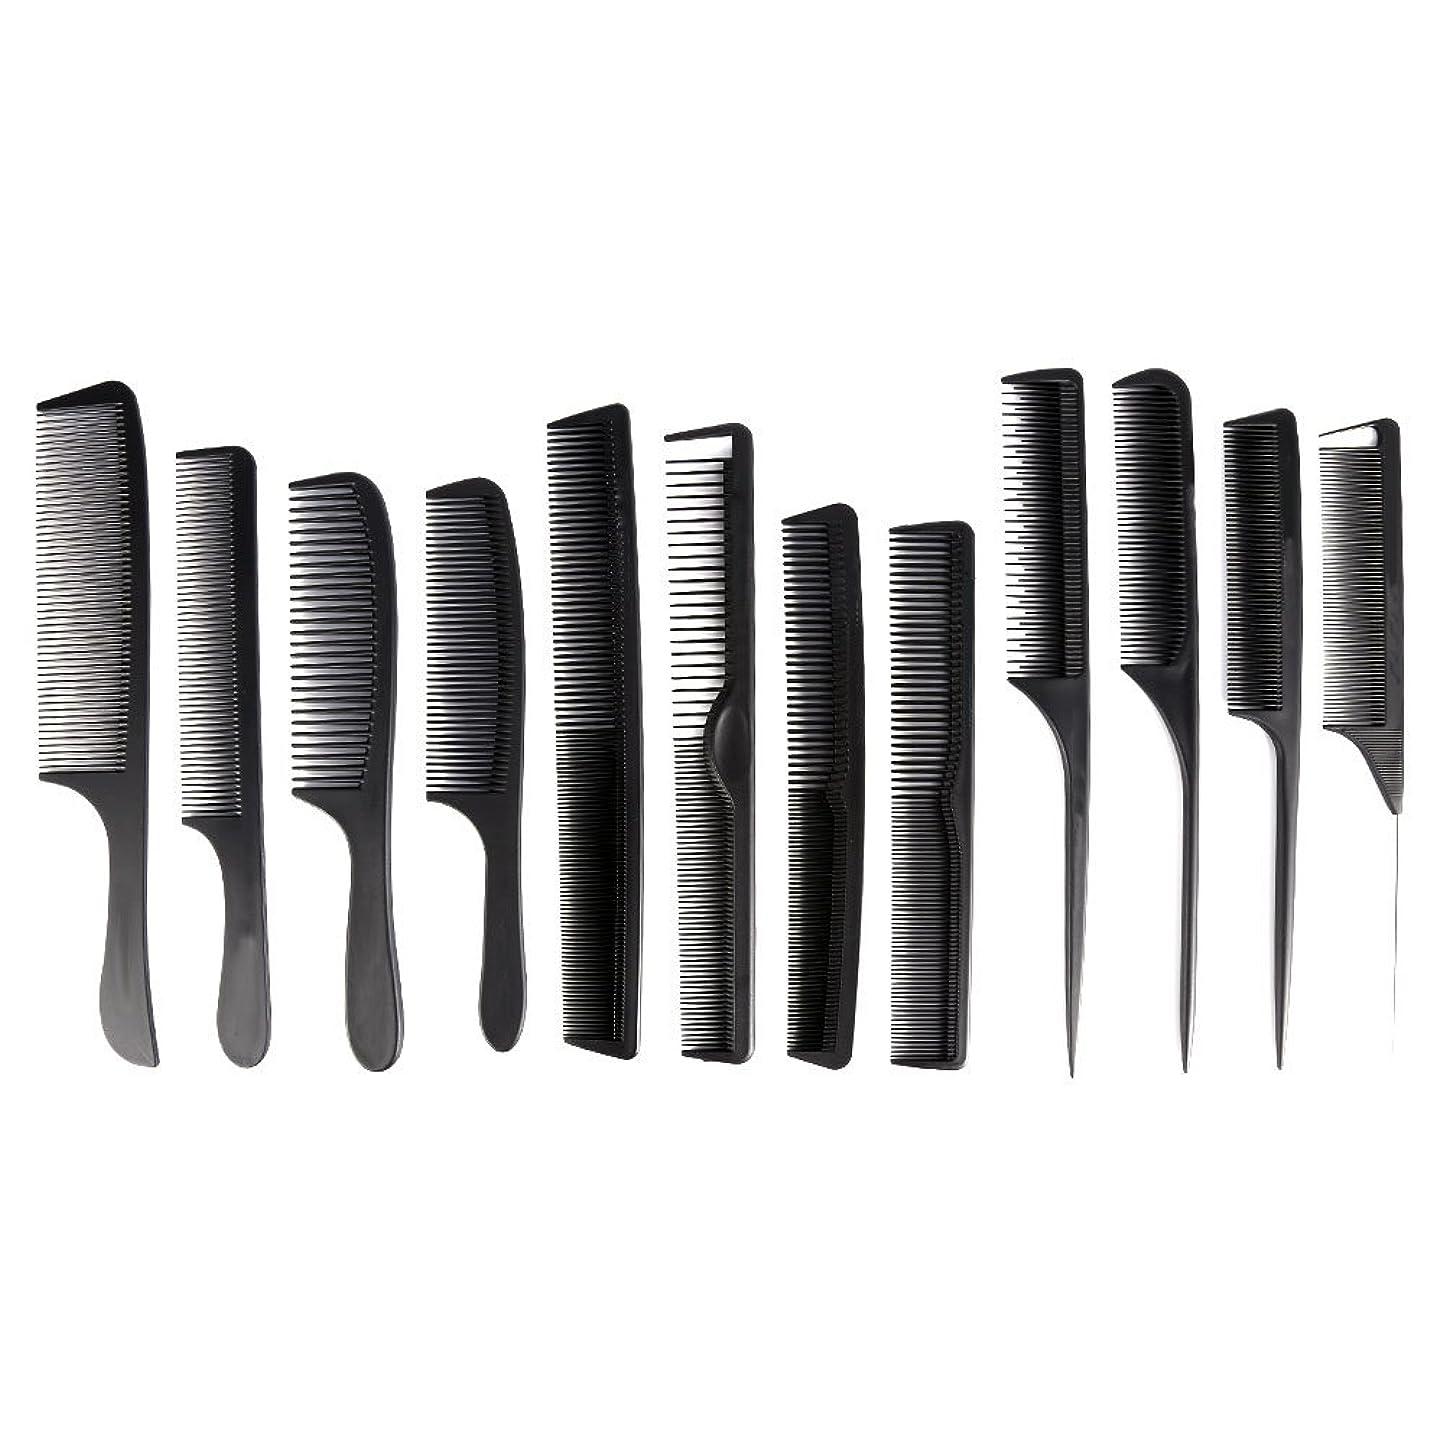 ポンプ体系的にトレーニングカットコーム 散髪用コーム コームセット12点セット プロ用ヘアコーム  静電気減少 軽量 サロン/美容室/床屋など適用